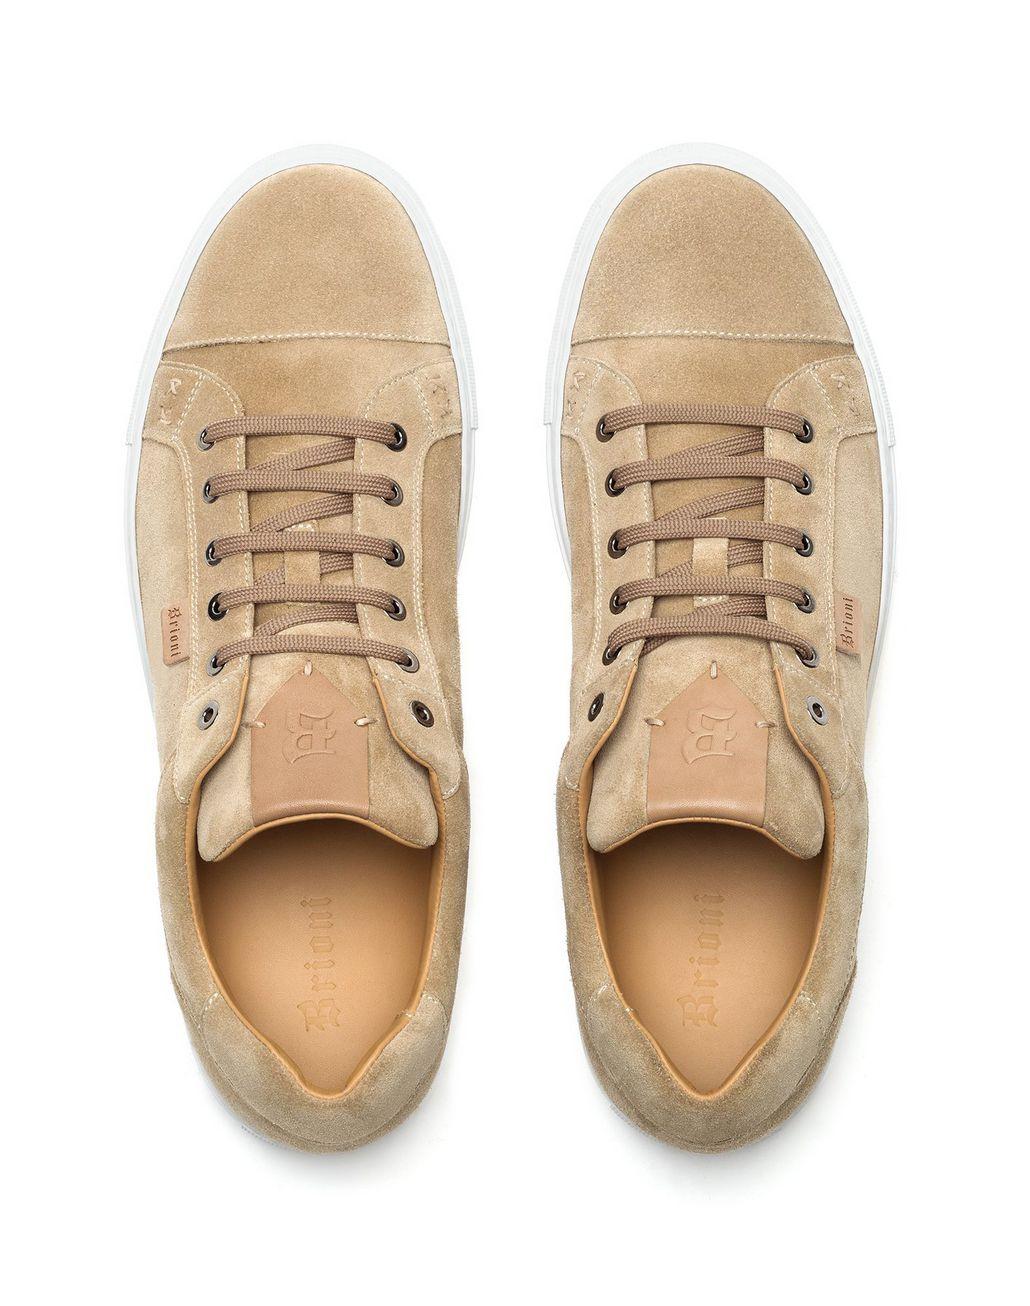 BRIONI Beige Suede Sneakers Sneakers Man r